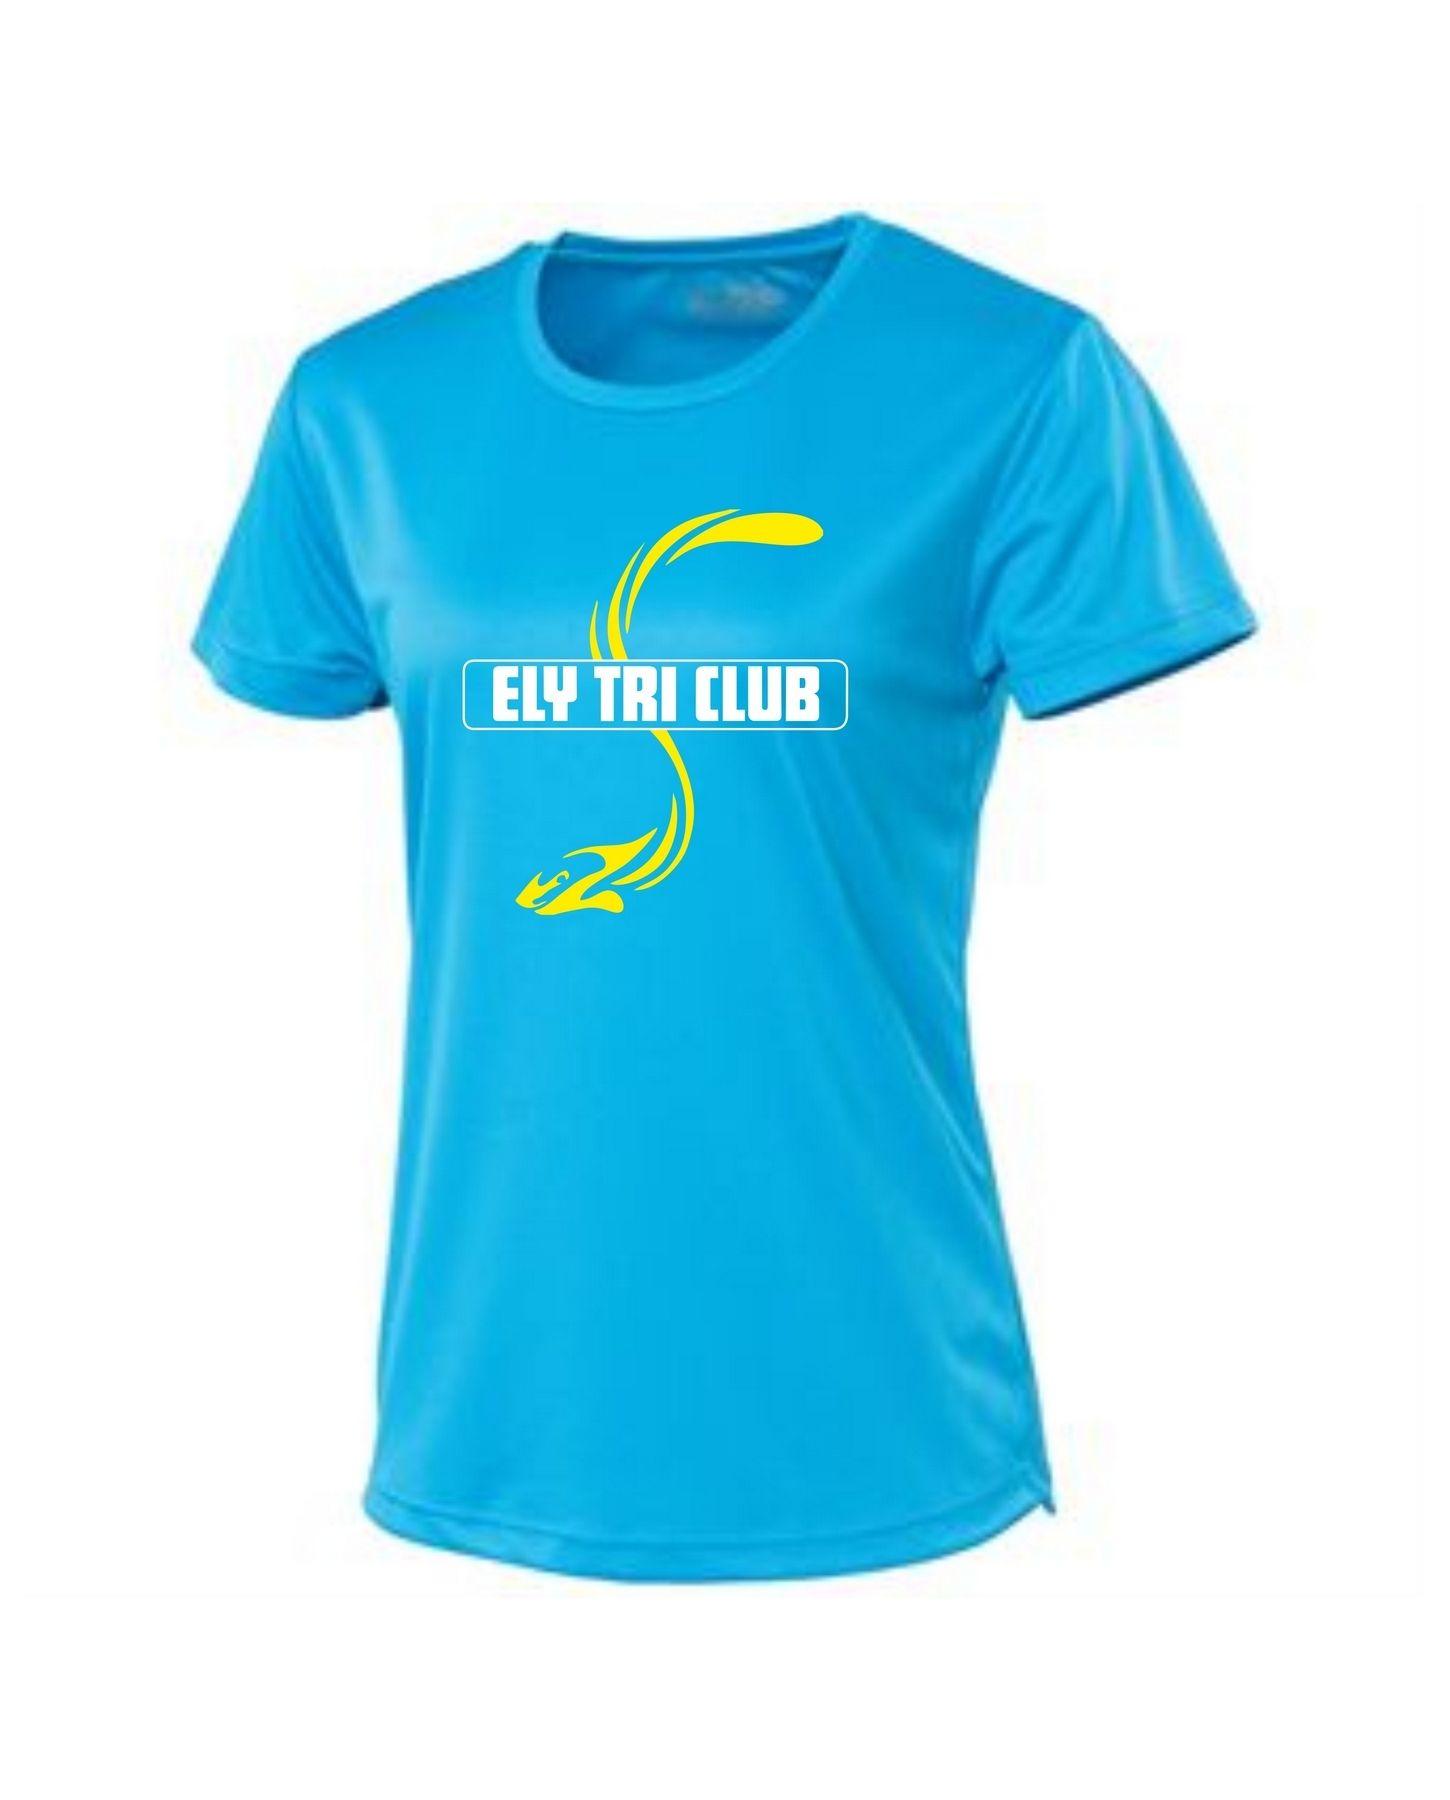 Ely Tri Club – Ladies Performance Tee